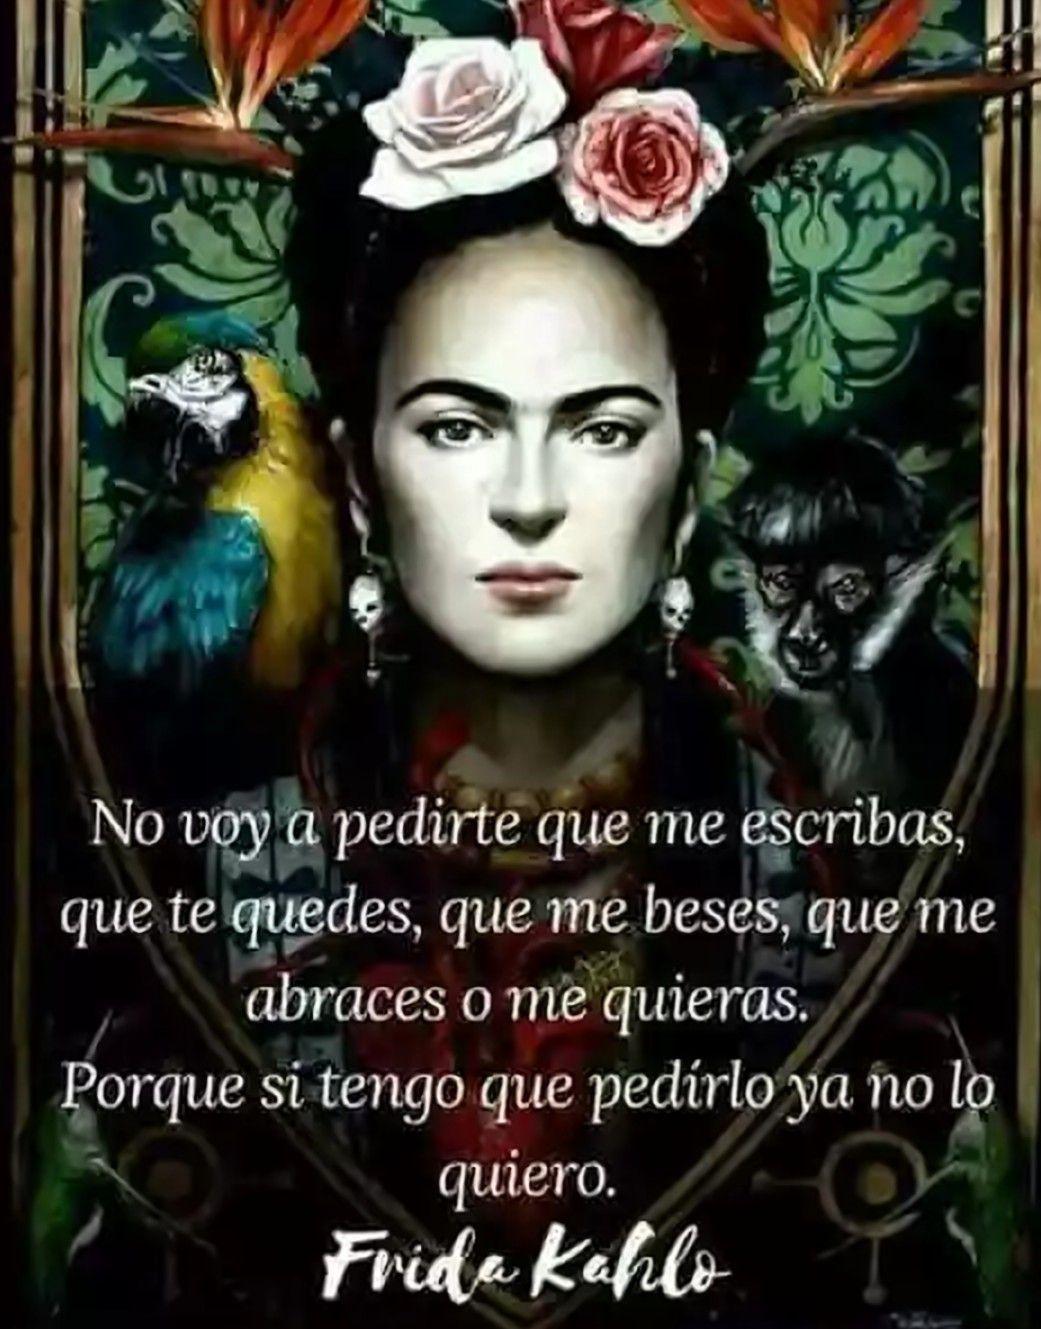 Inspirational Frida Kahlo Quotes Spanish : inspirational, frida, kahlo, quotes, spanish, Vientos, Alma#, Frida#, Frida, Quotes,, Kahlo